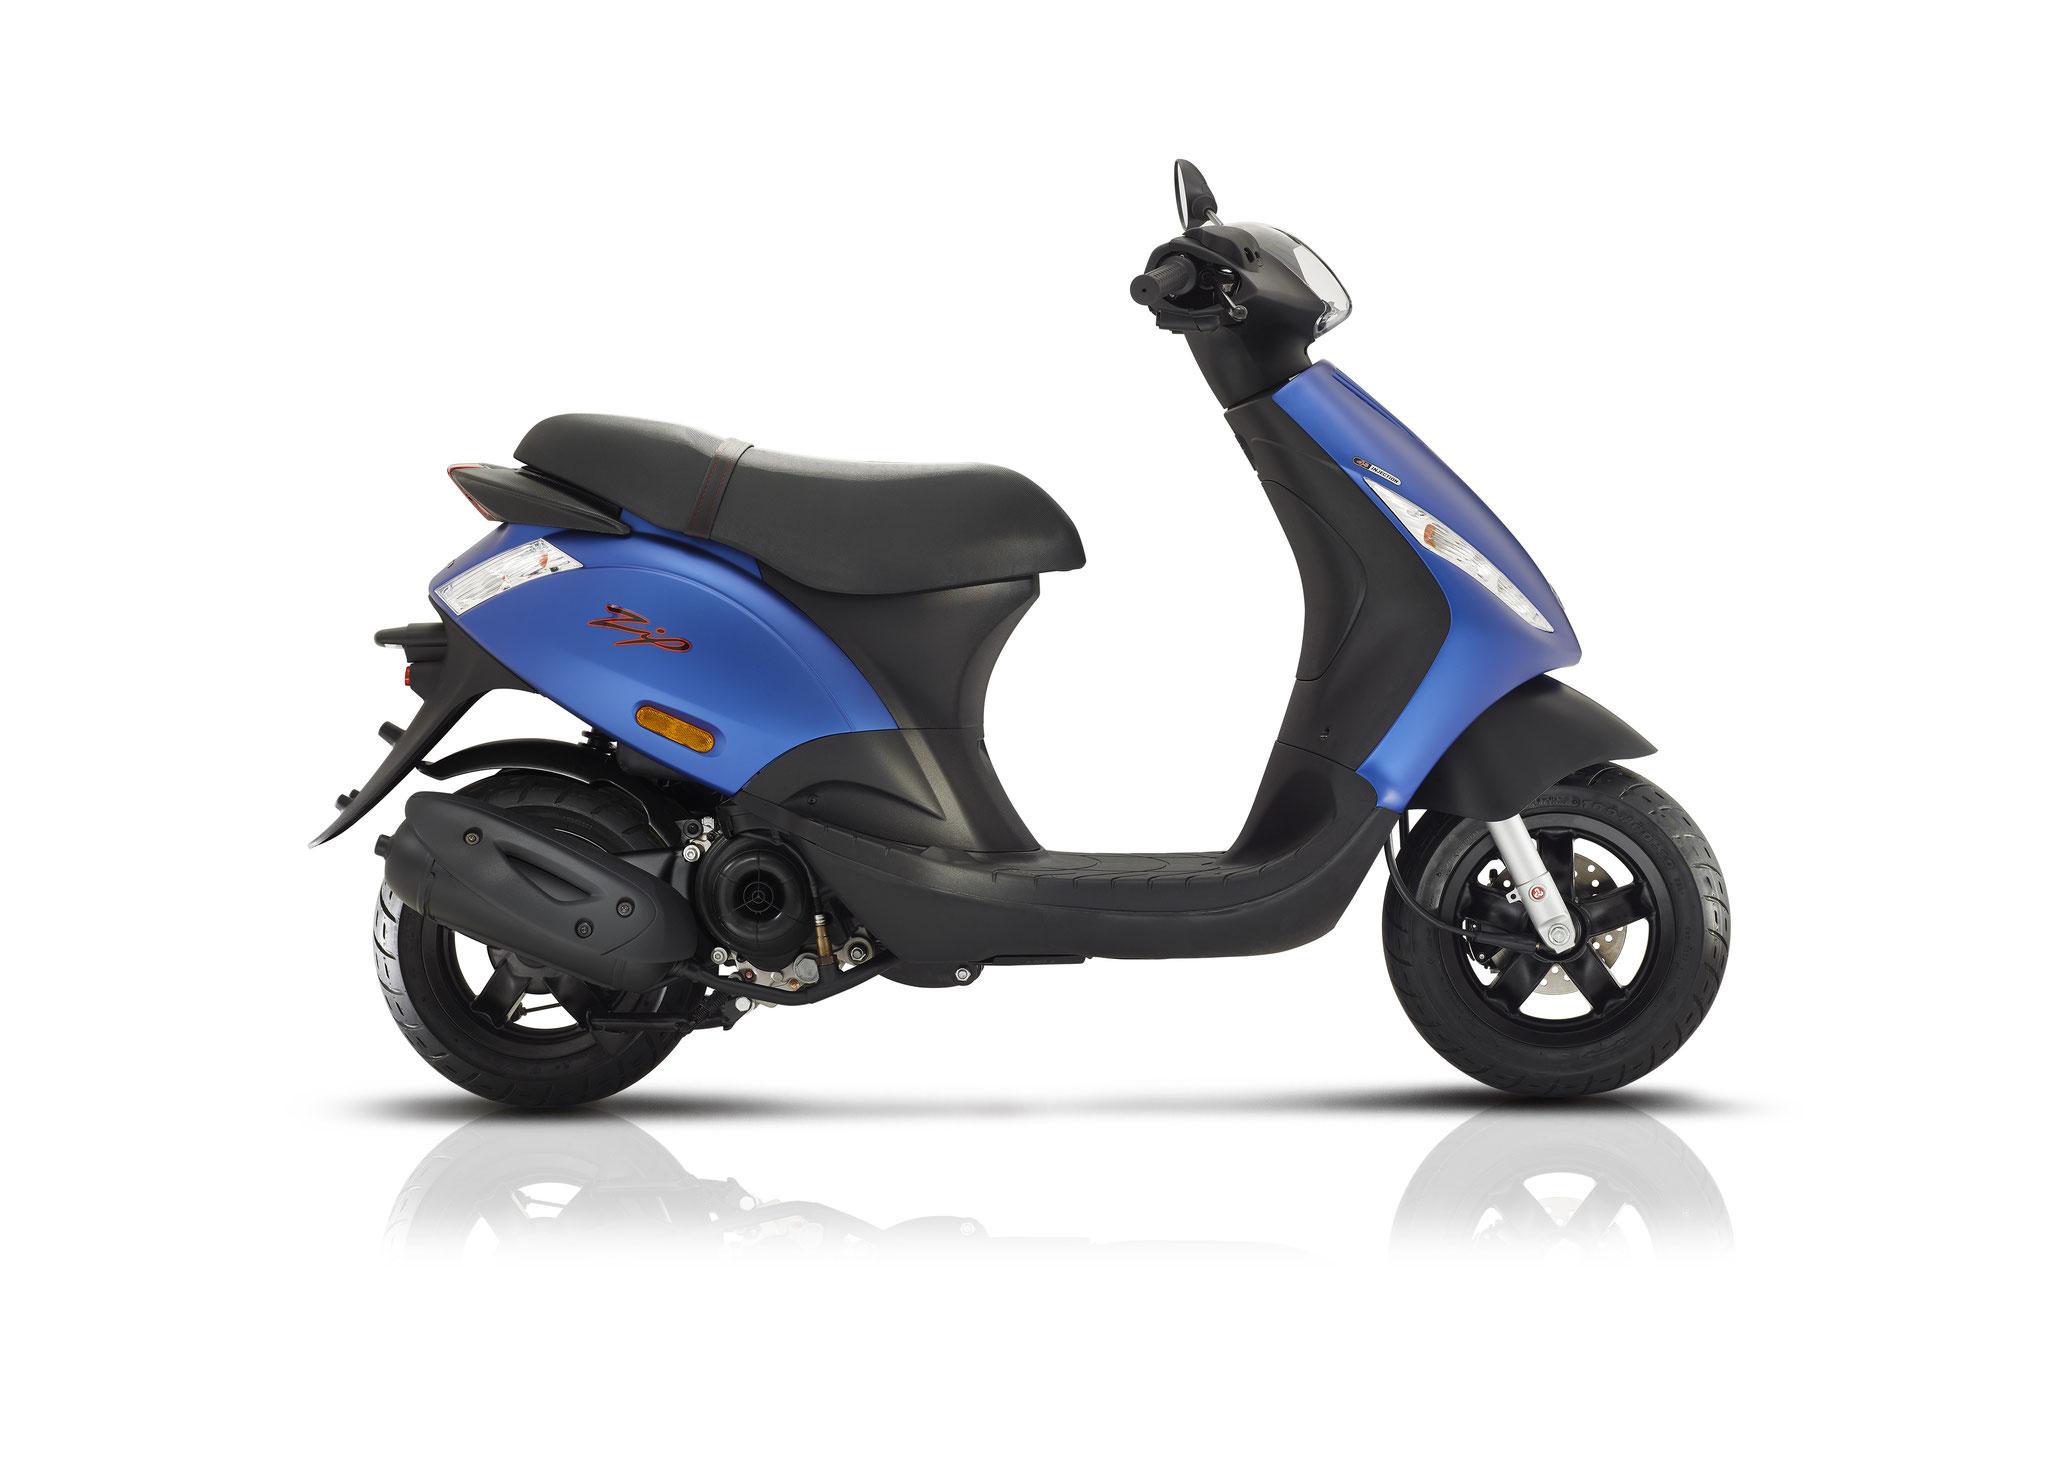 Piaggio Zip 4t3v Euro4 25/45 km/h matblauw: € 1869,-  Voor meer informatie, klik op de foto.